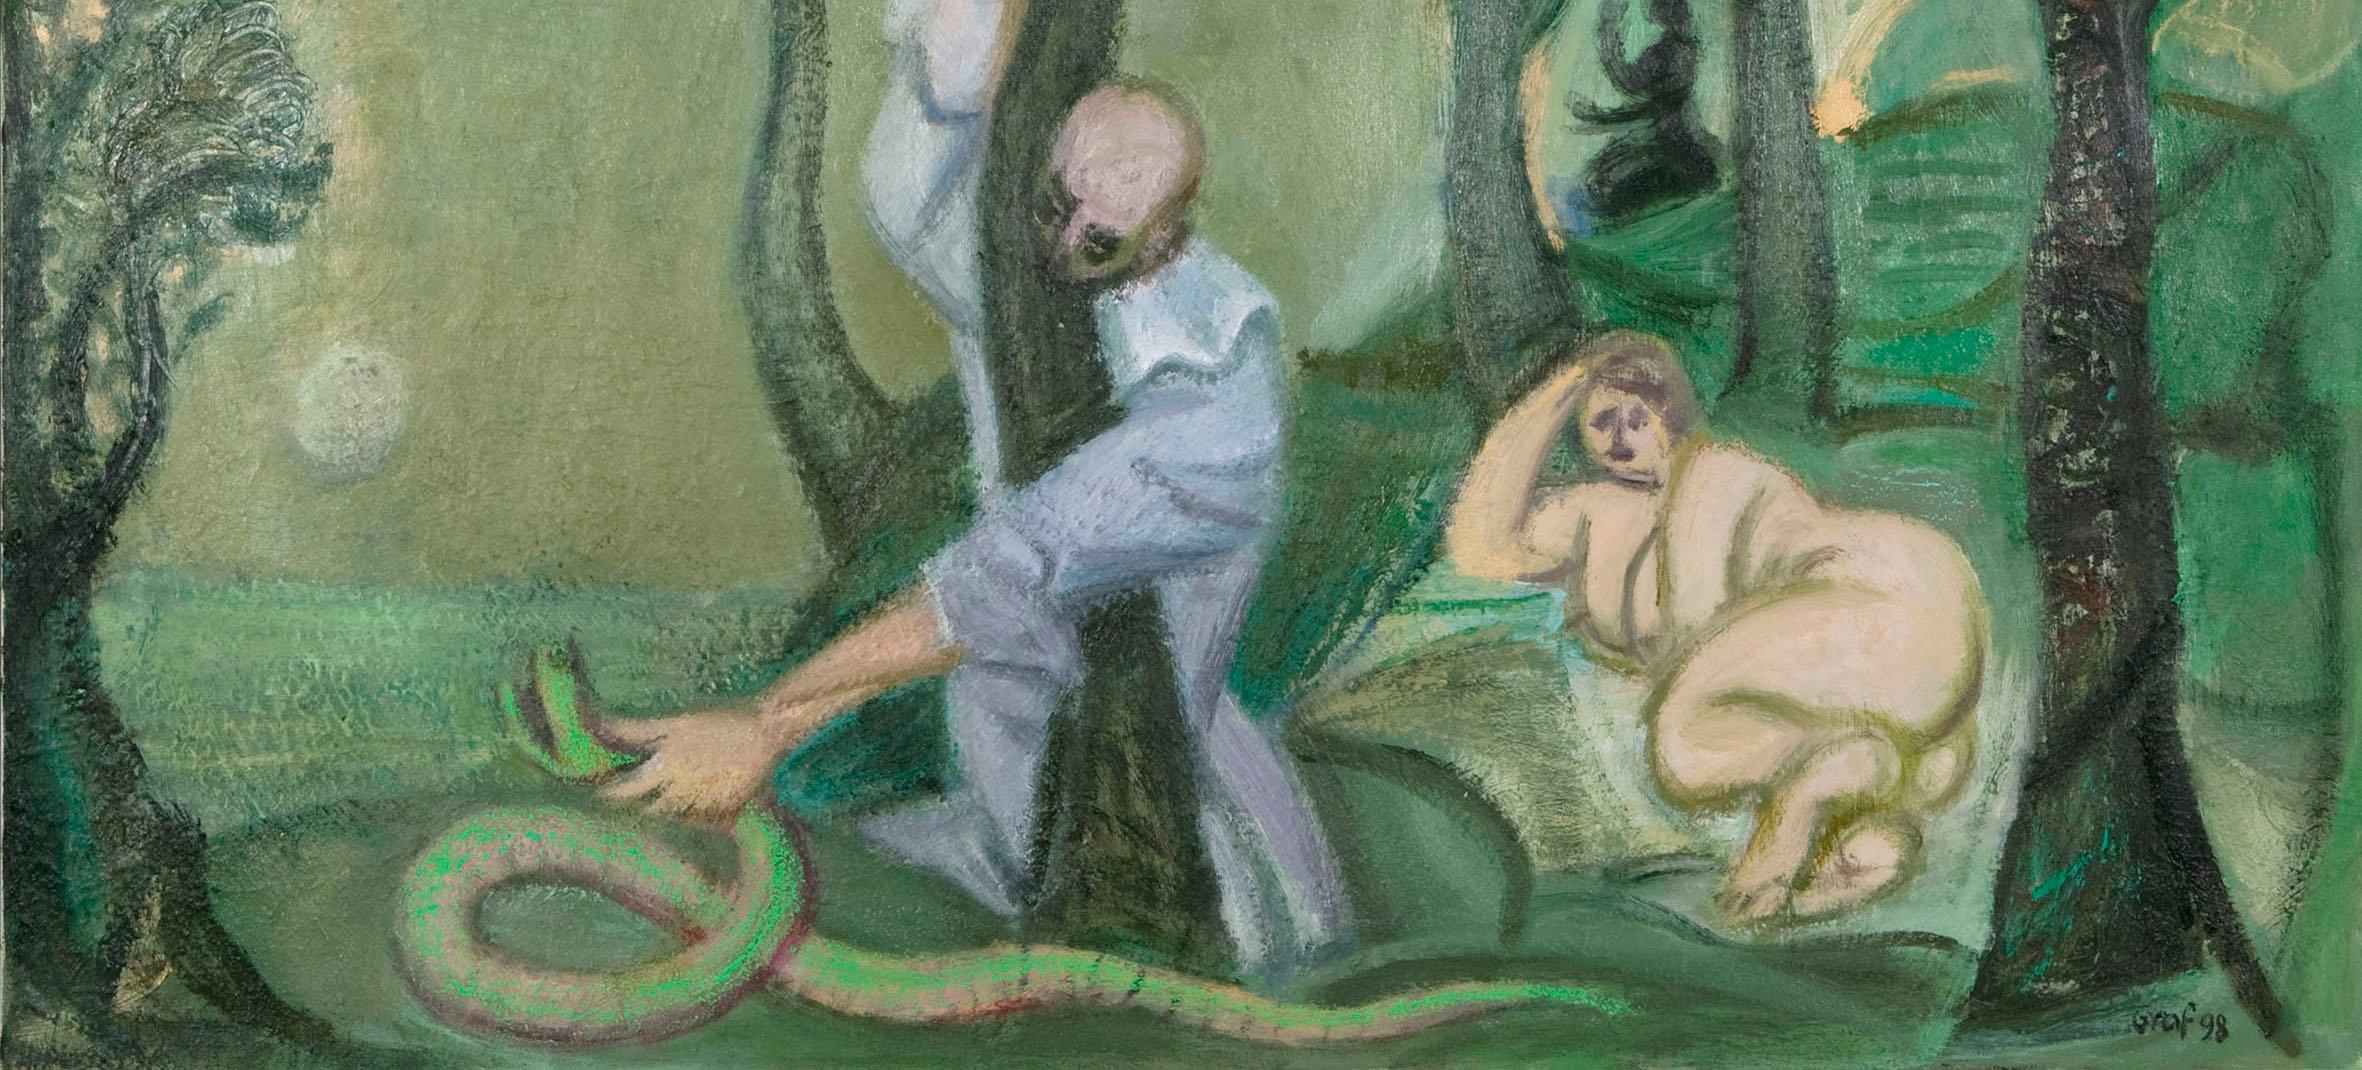 Yksityiskohta taidemaalari Peter Grafin teoksesta.